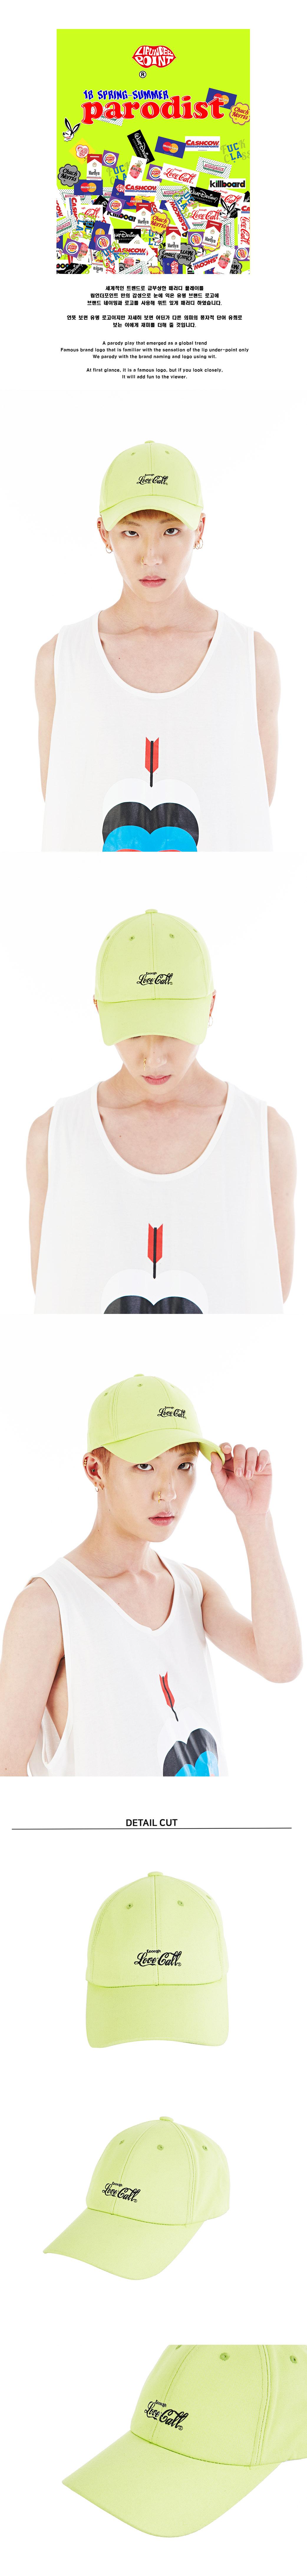 러브콜형광-모자.jpg